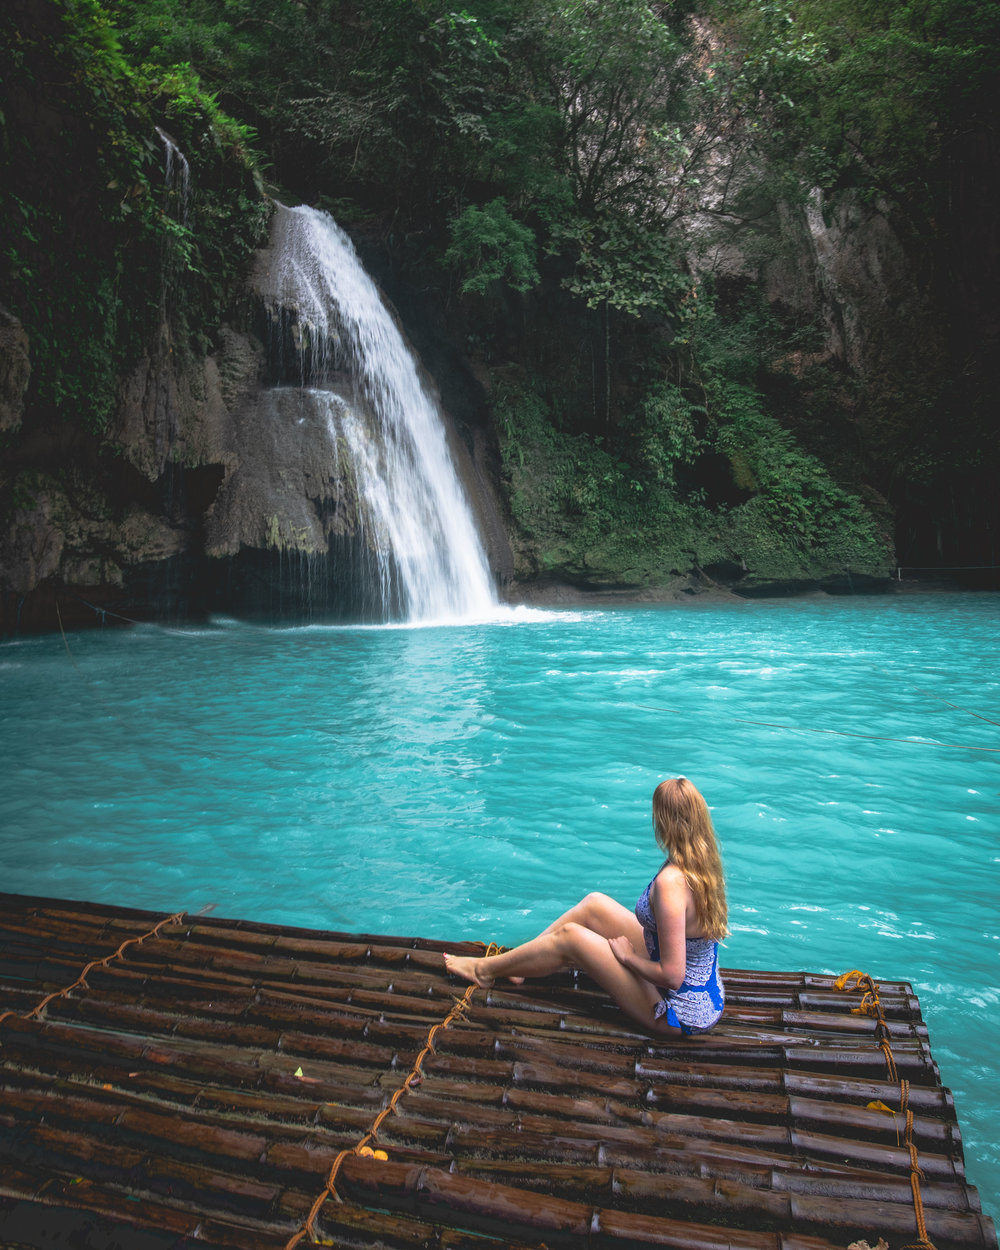 Kawasan Falls - 2 weeks Philippine Itinerary